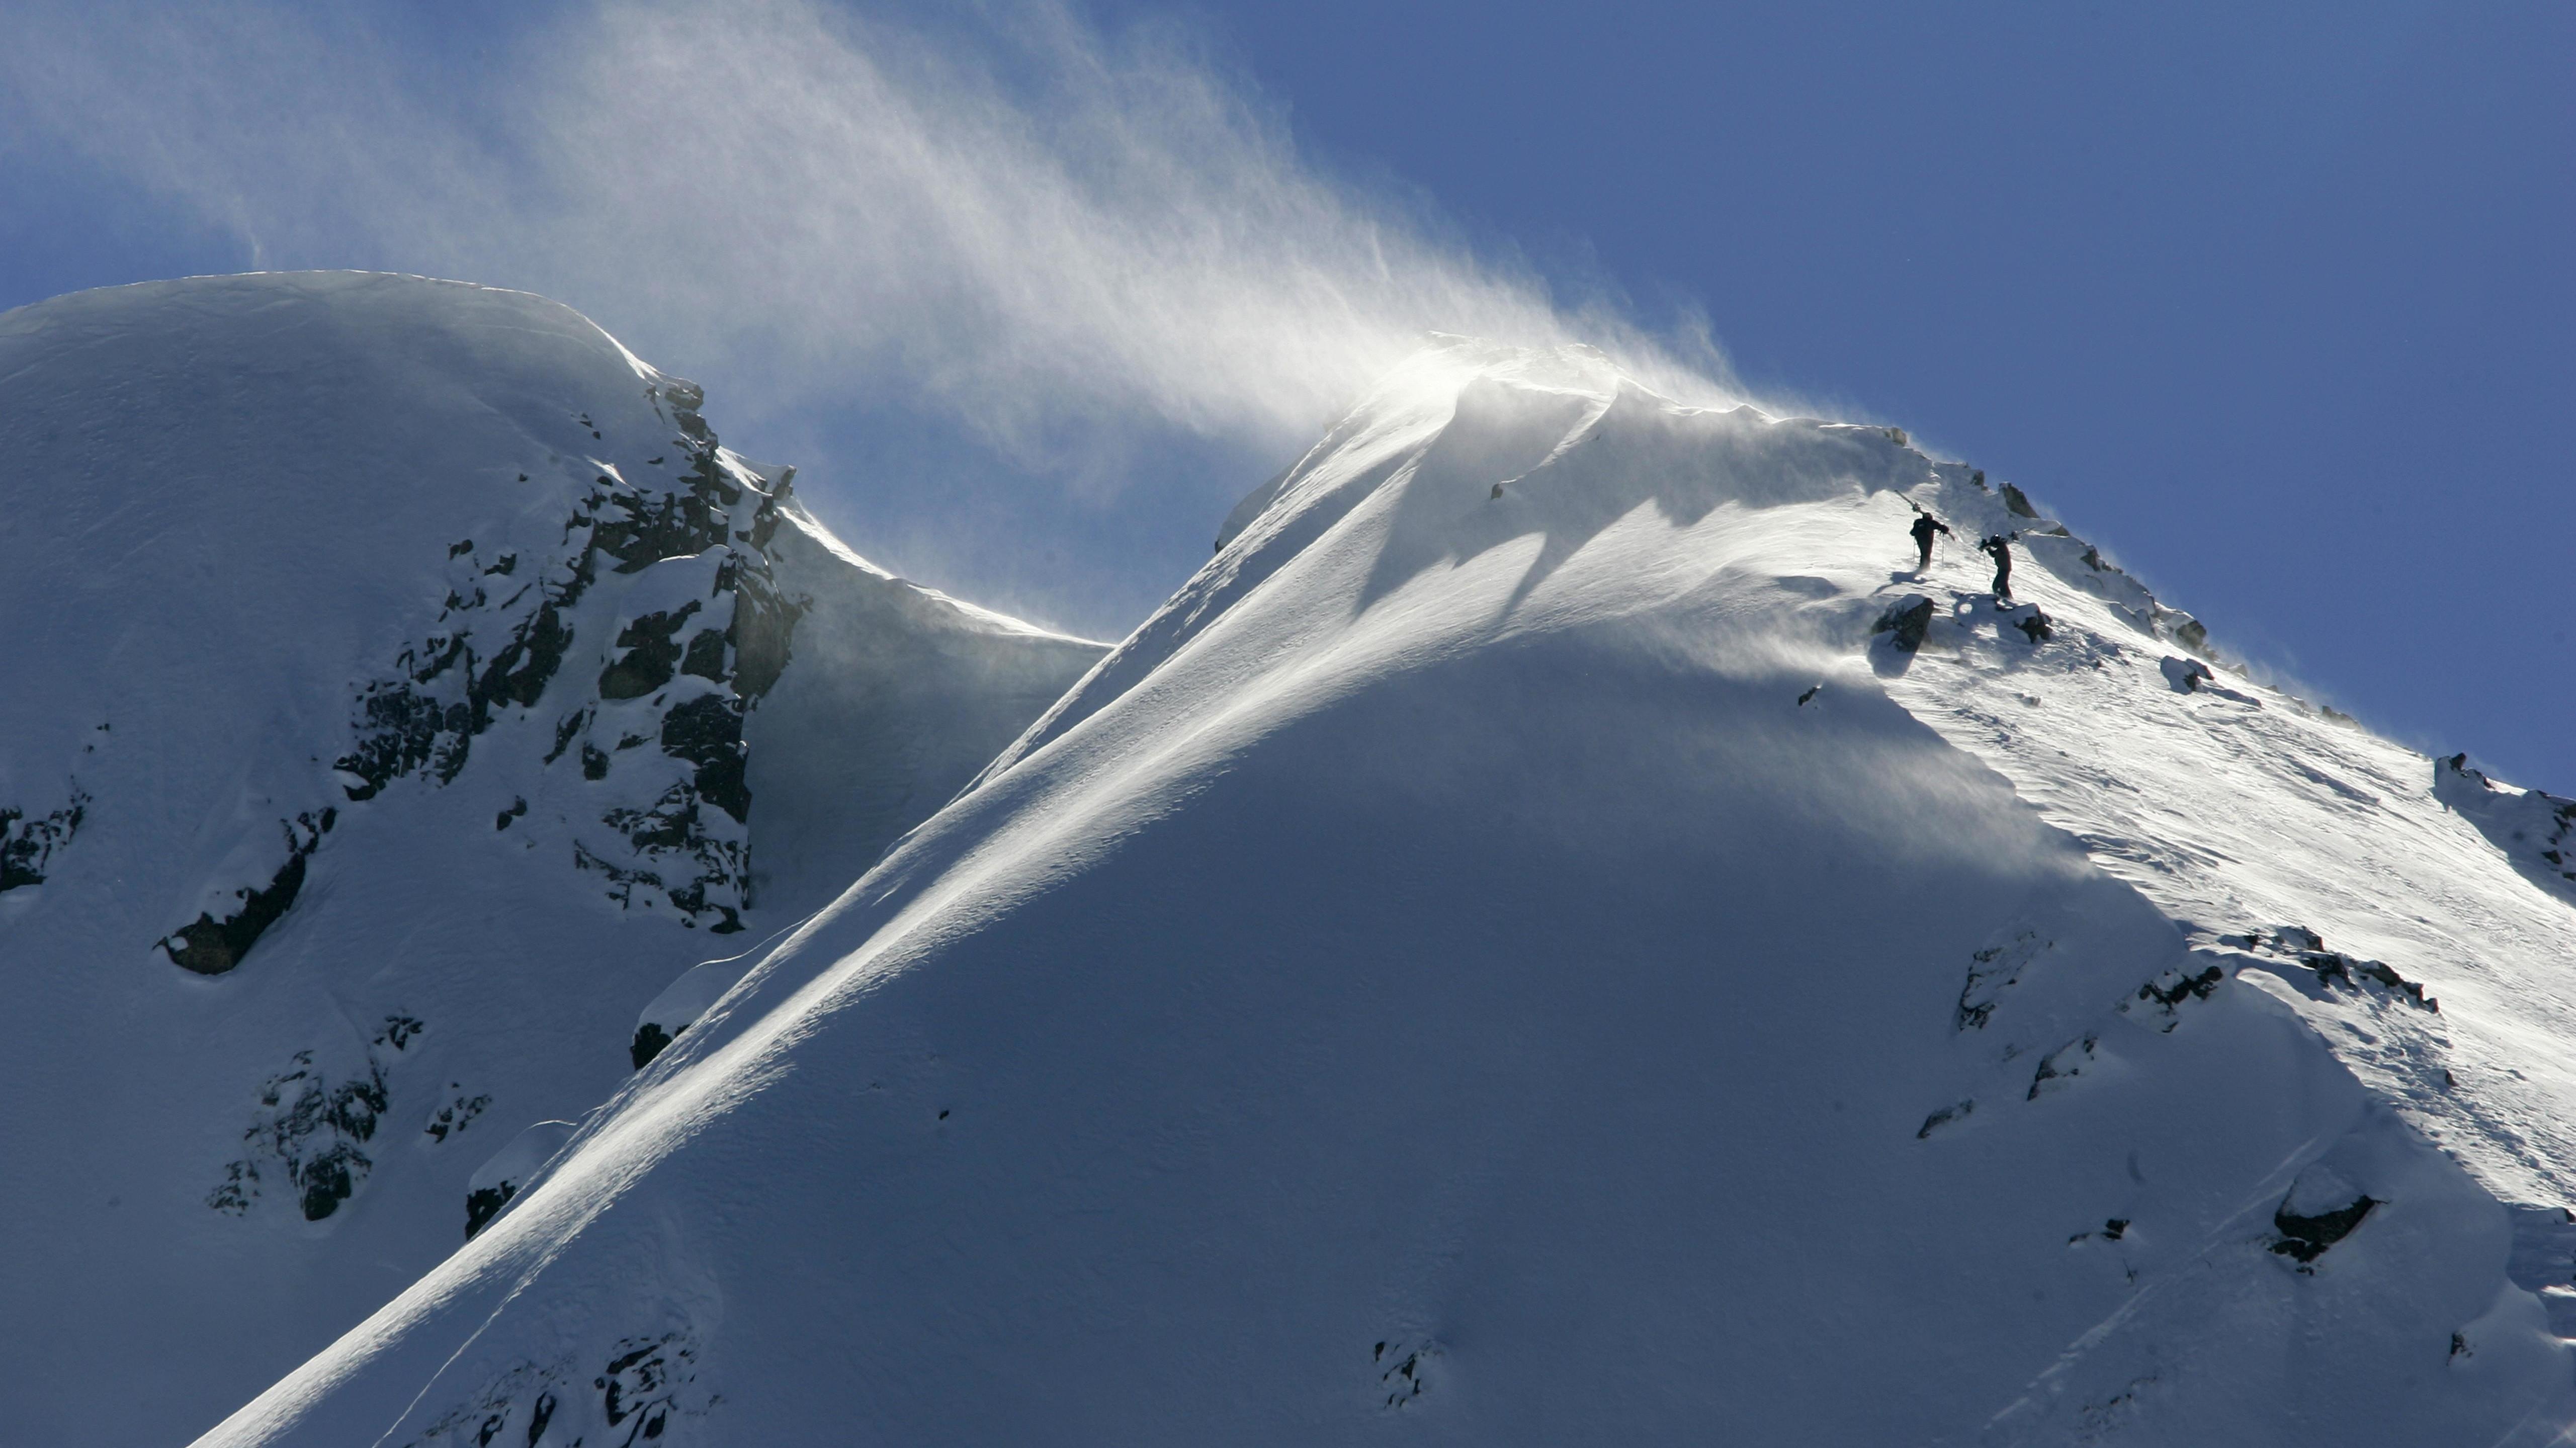 Schneefahne im Pirin Gebirge im Skigebiet Bansko, Bulgarien